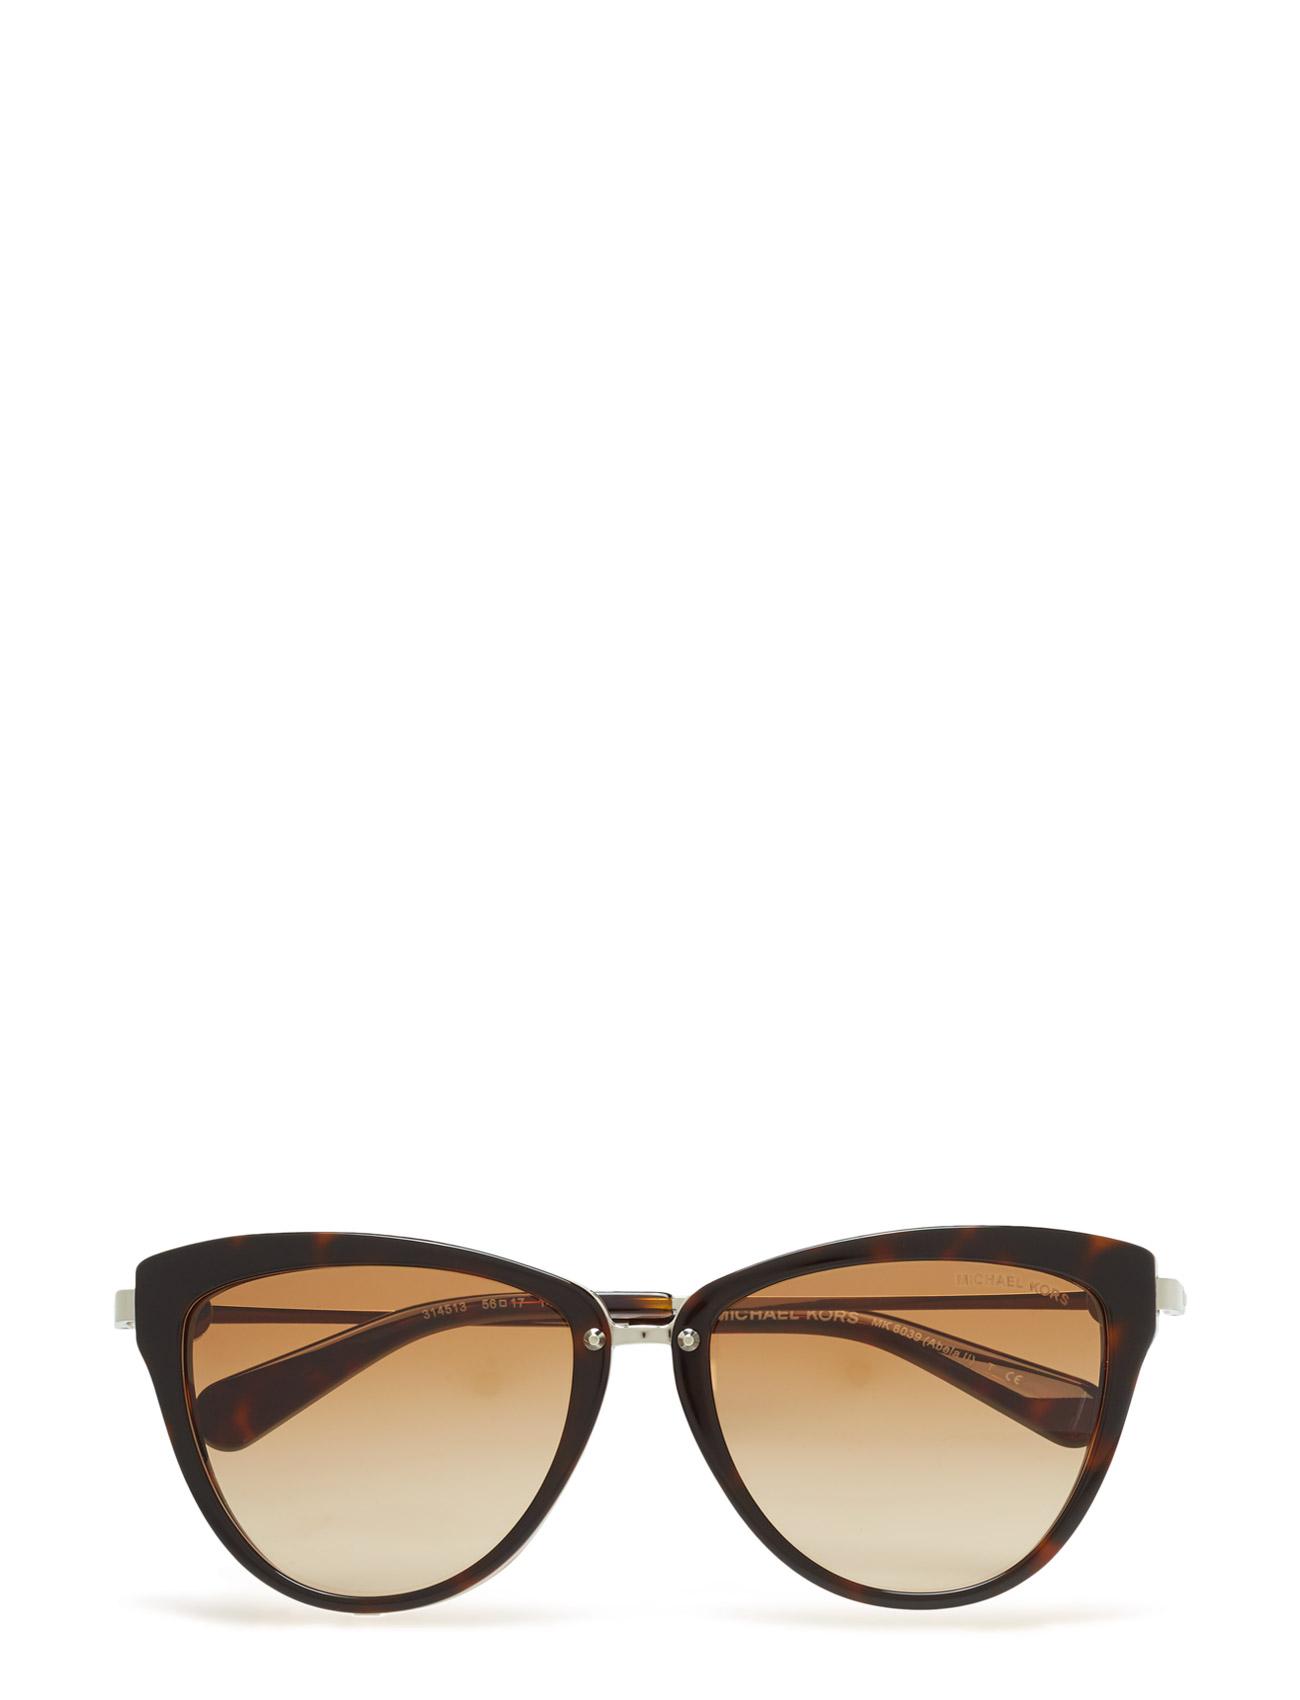 Abela Ii Michael Kors Sunglasses Solbriller til Kvinder i